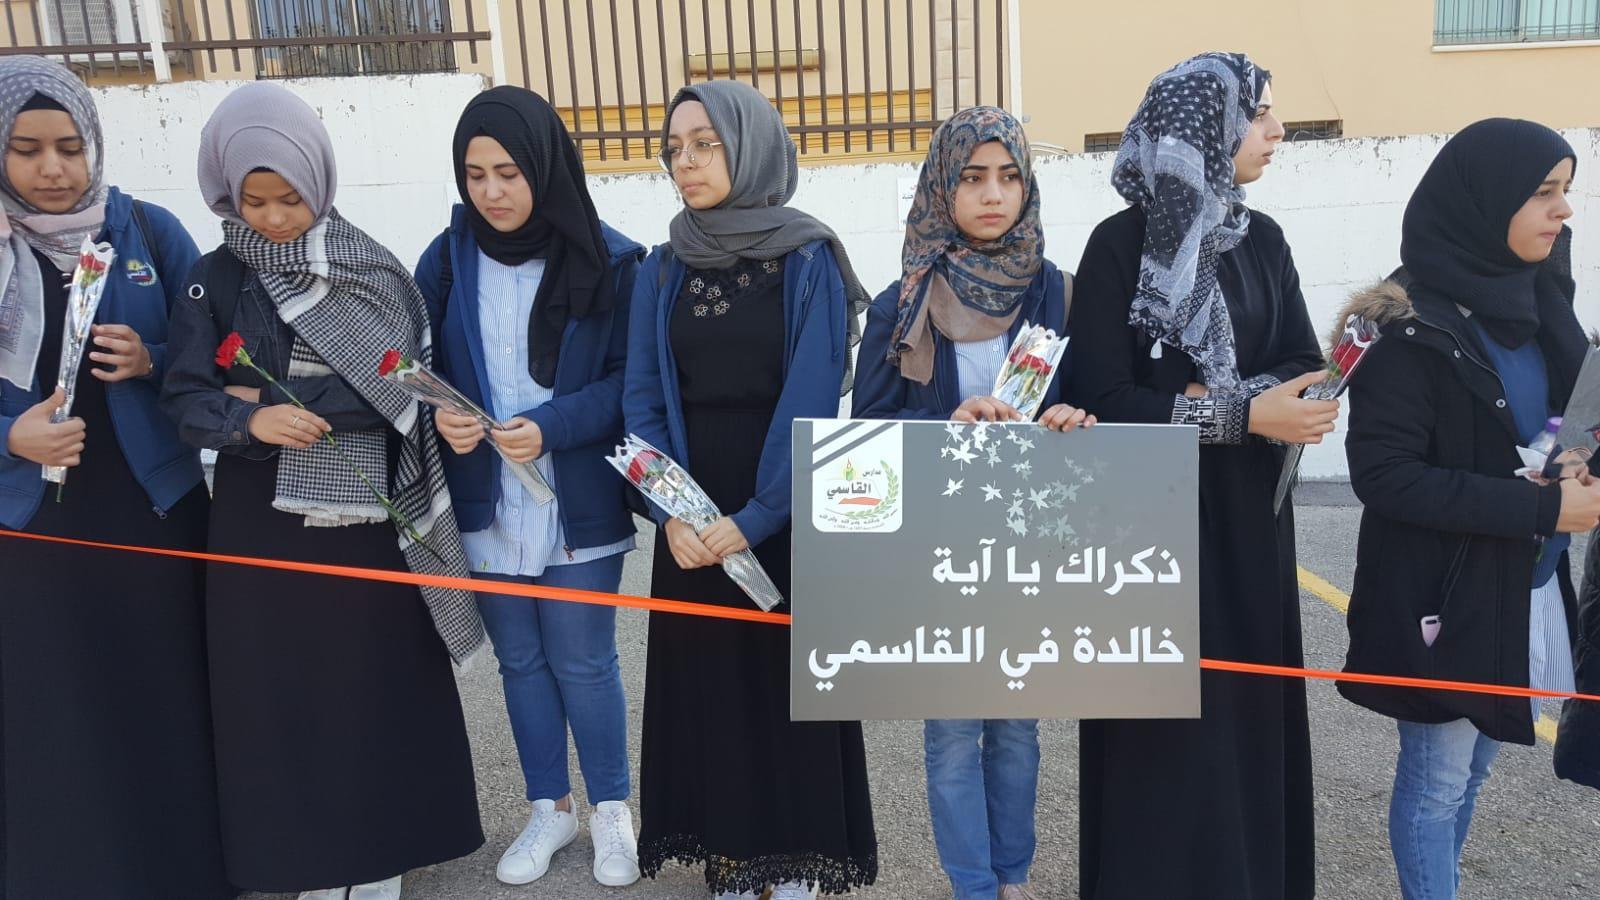 وداعا آية مصاروة: جنازة حاشدة في مسقط رأسها